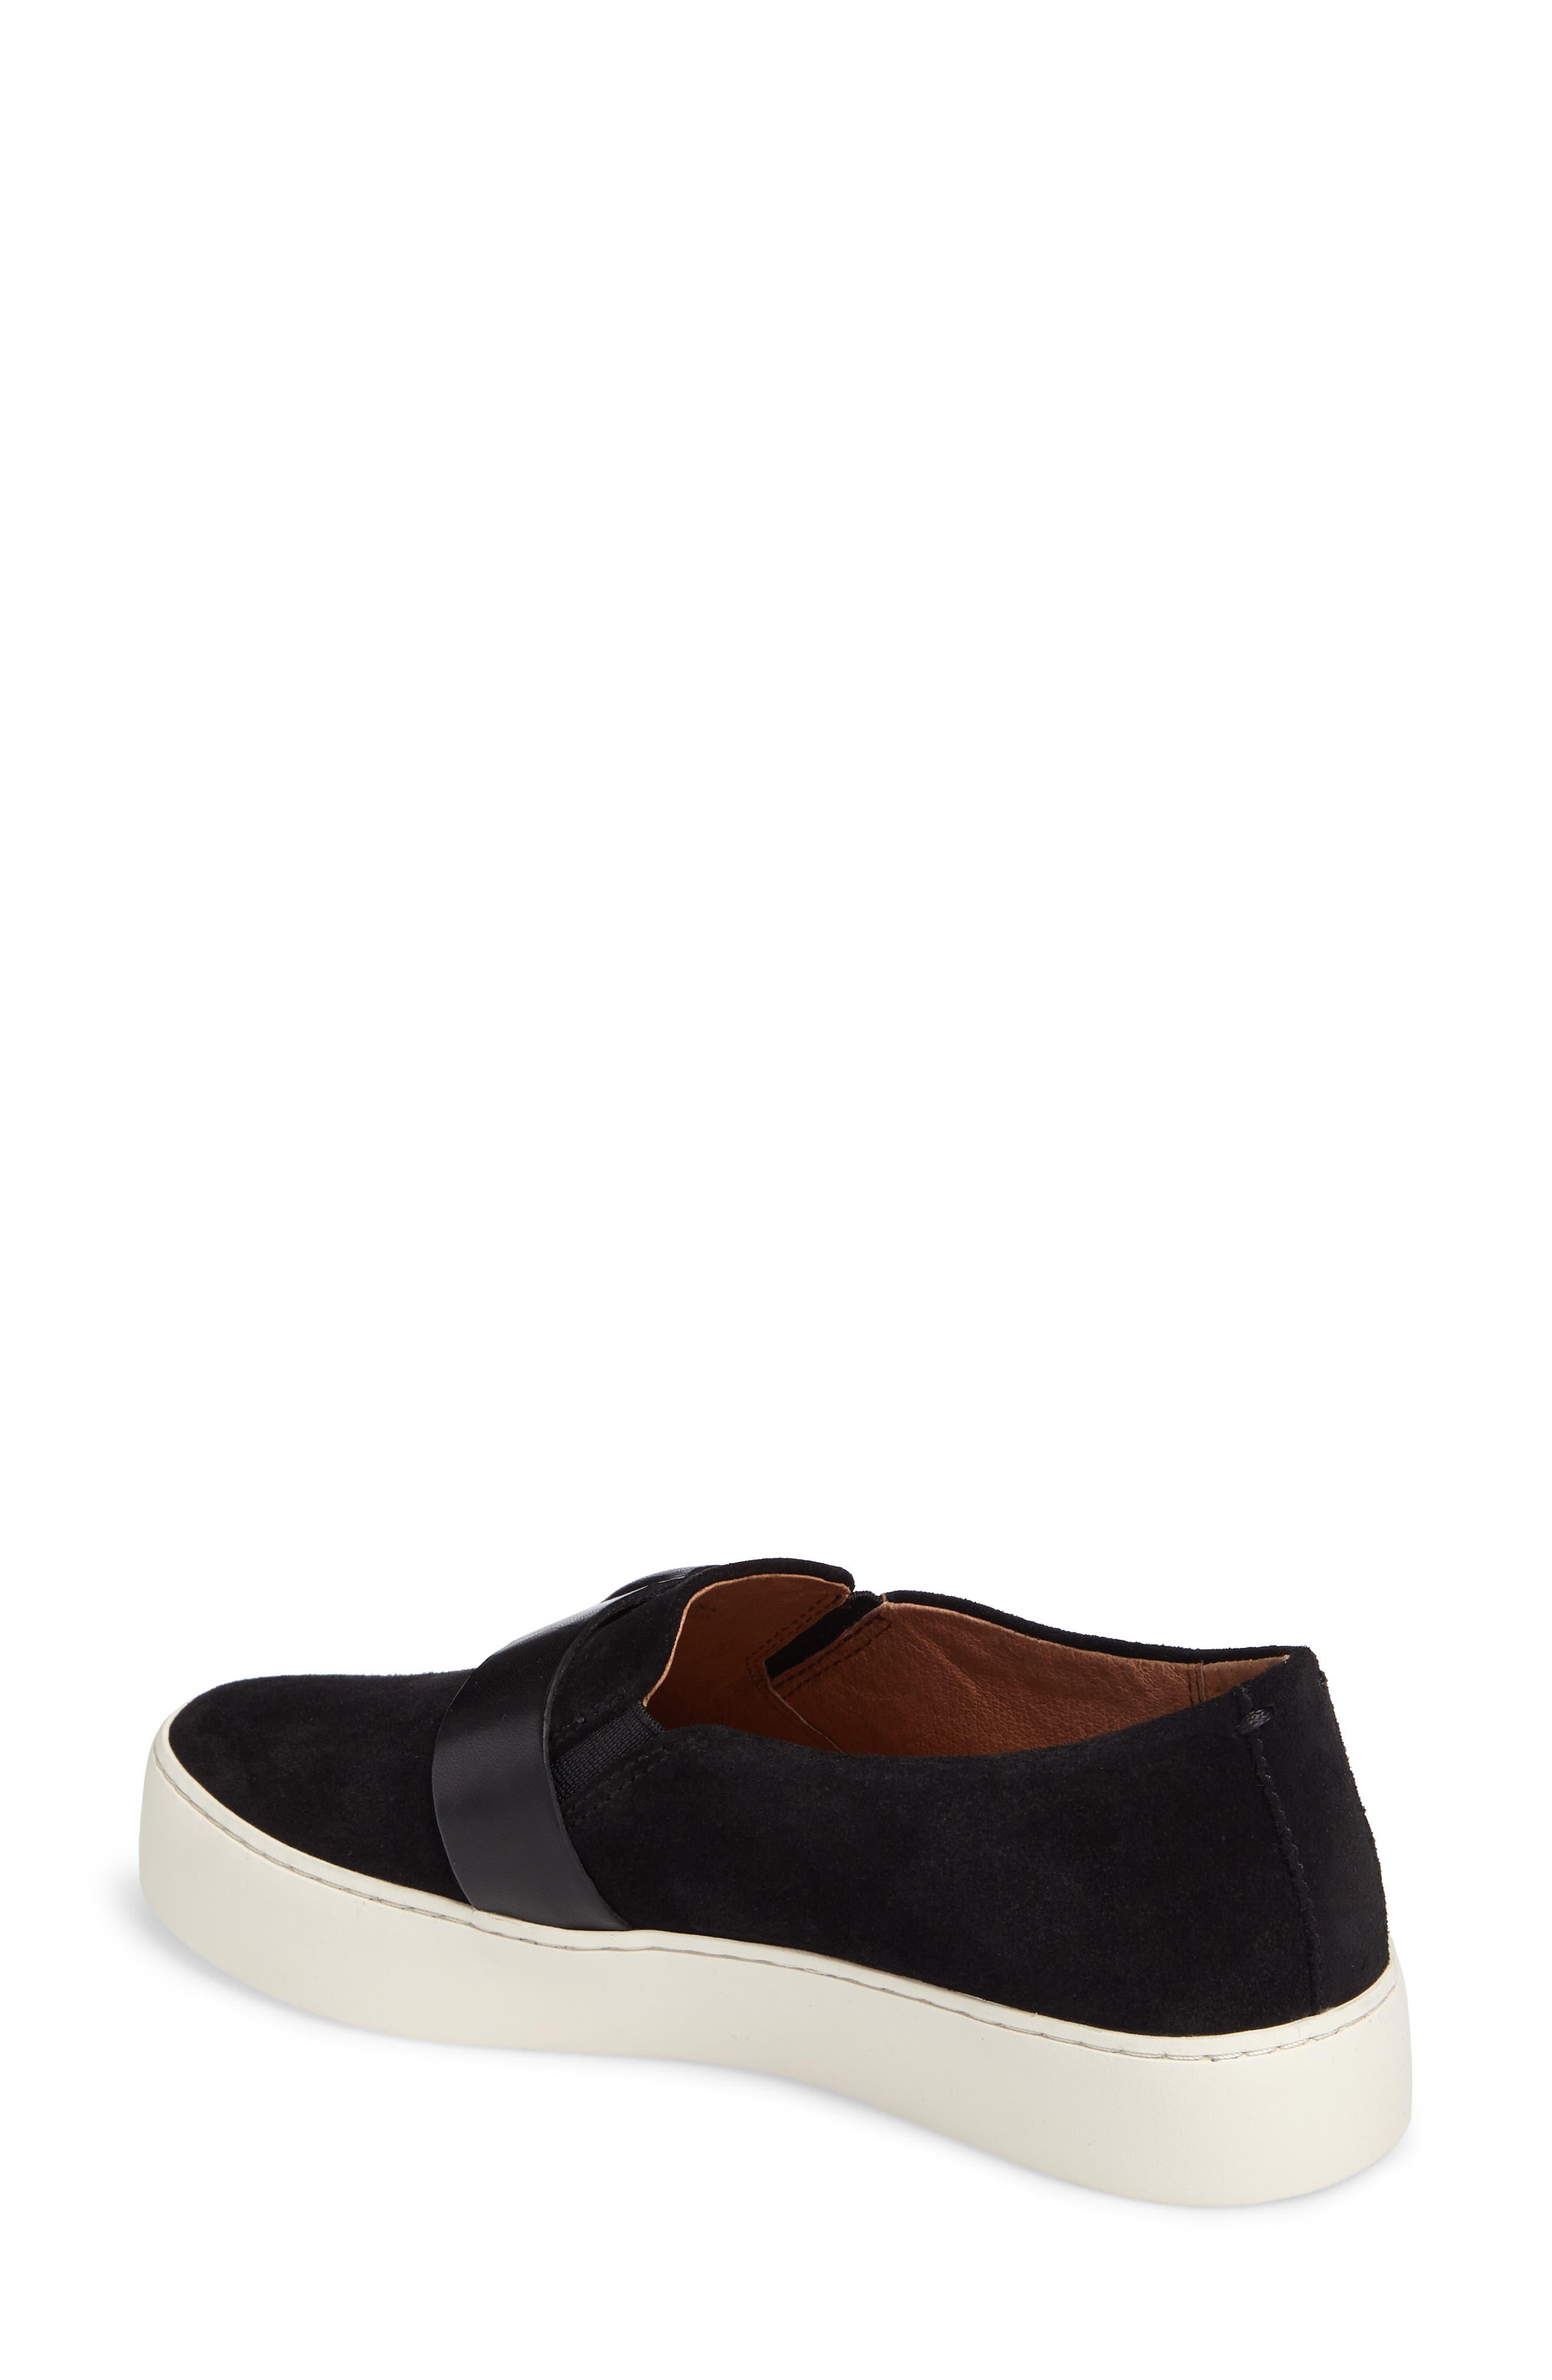 Lena Harness Slip-On Sneaker,                             Alternate thumbnail 2, color,                             Black